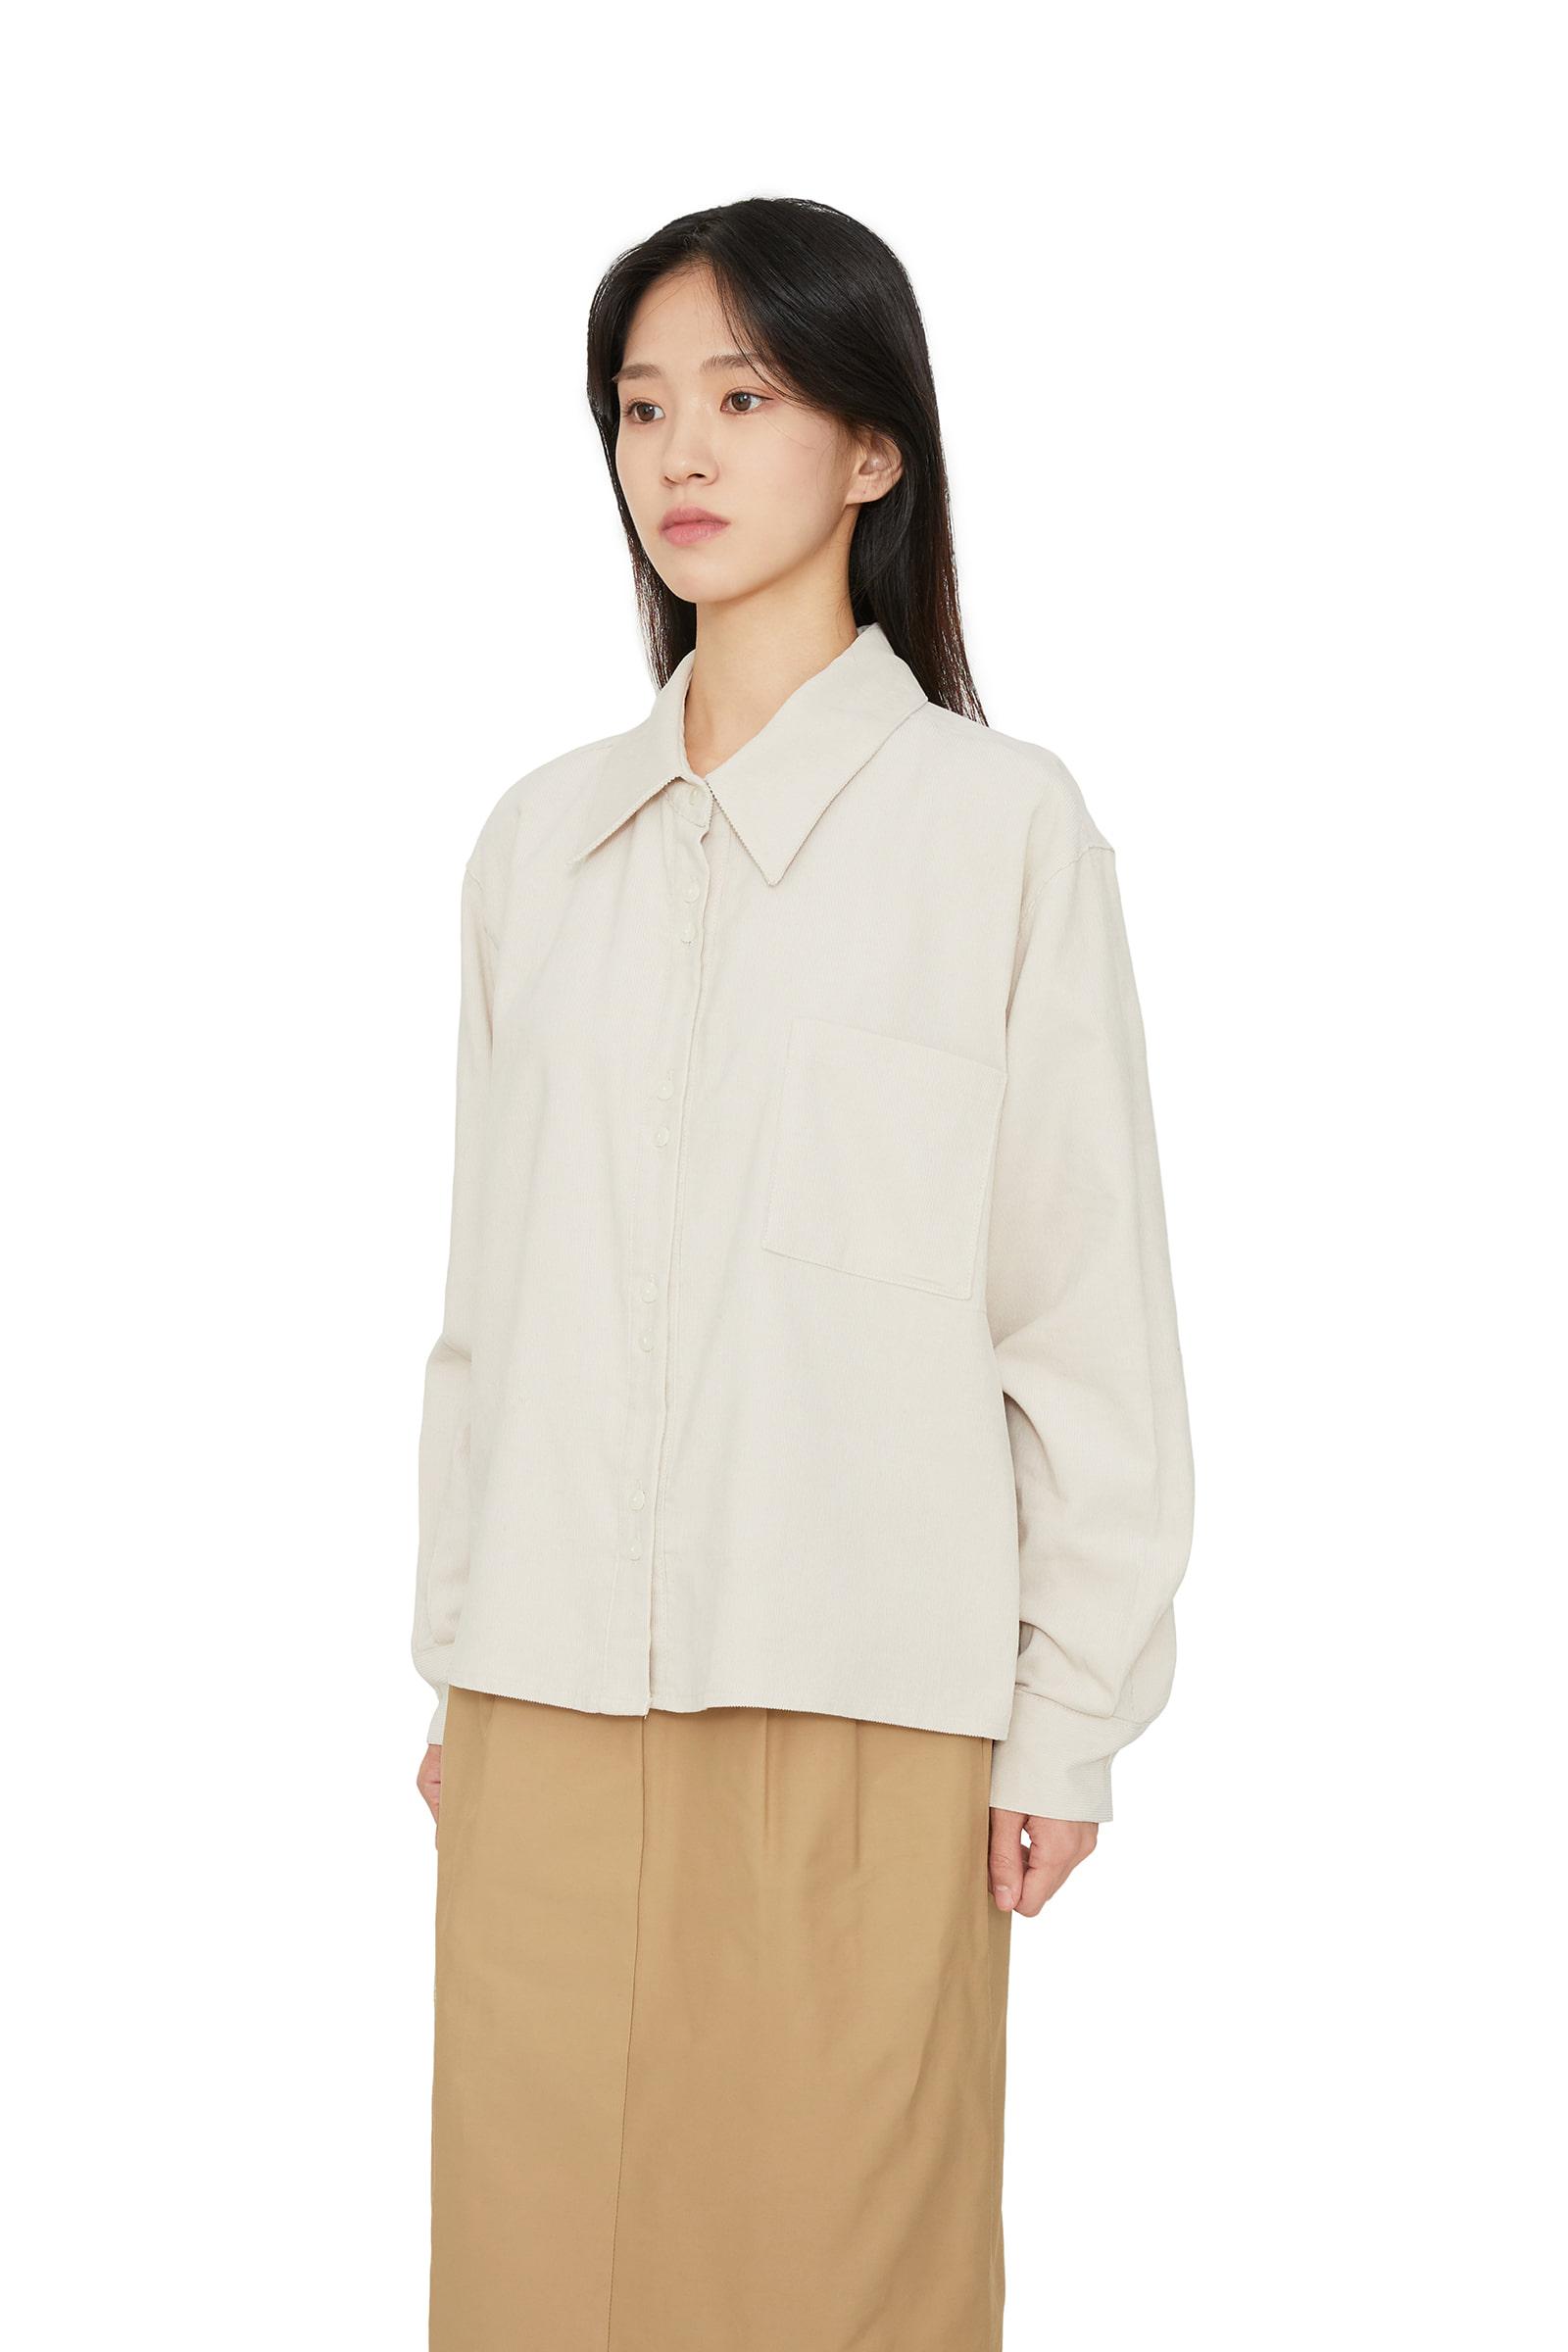 Hergolden cropped shirt